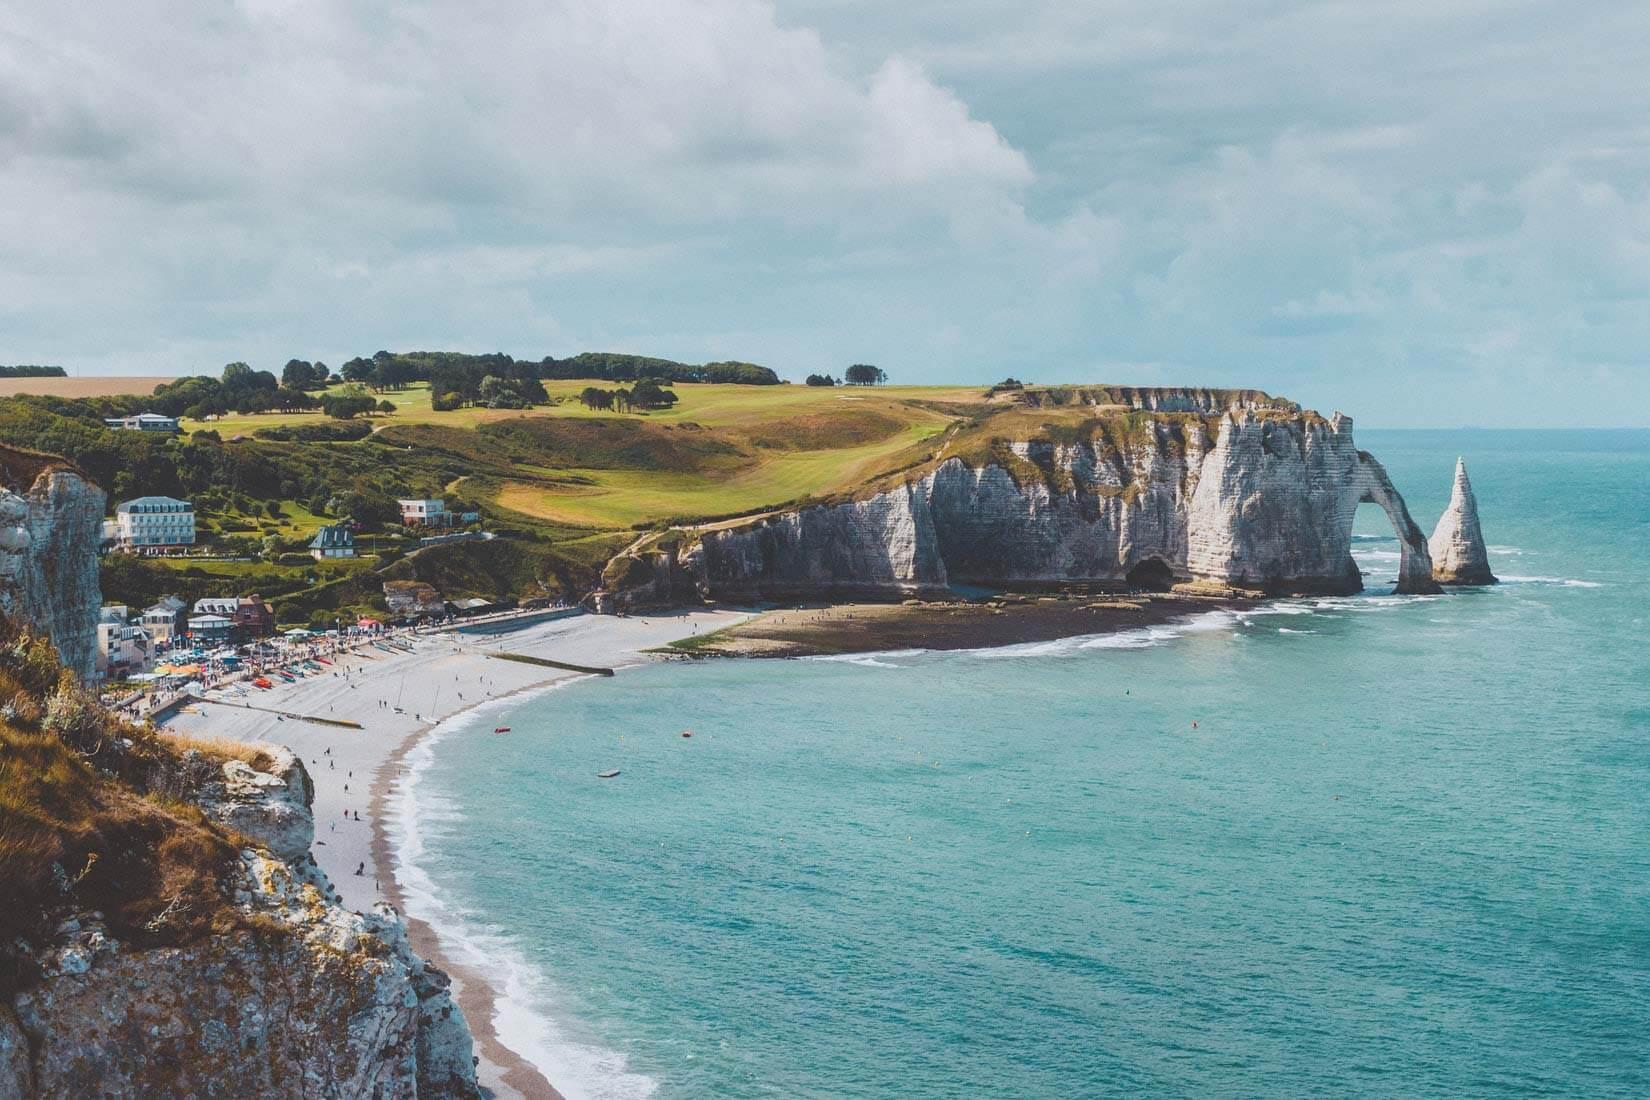 Les célèbres falaises d'Etretat se prolongent sur toute la côte normande © Ilnur Kalimullin